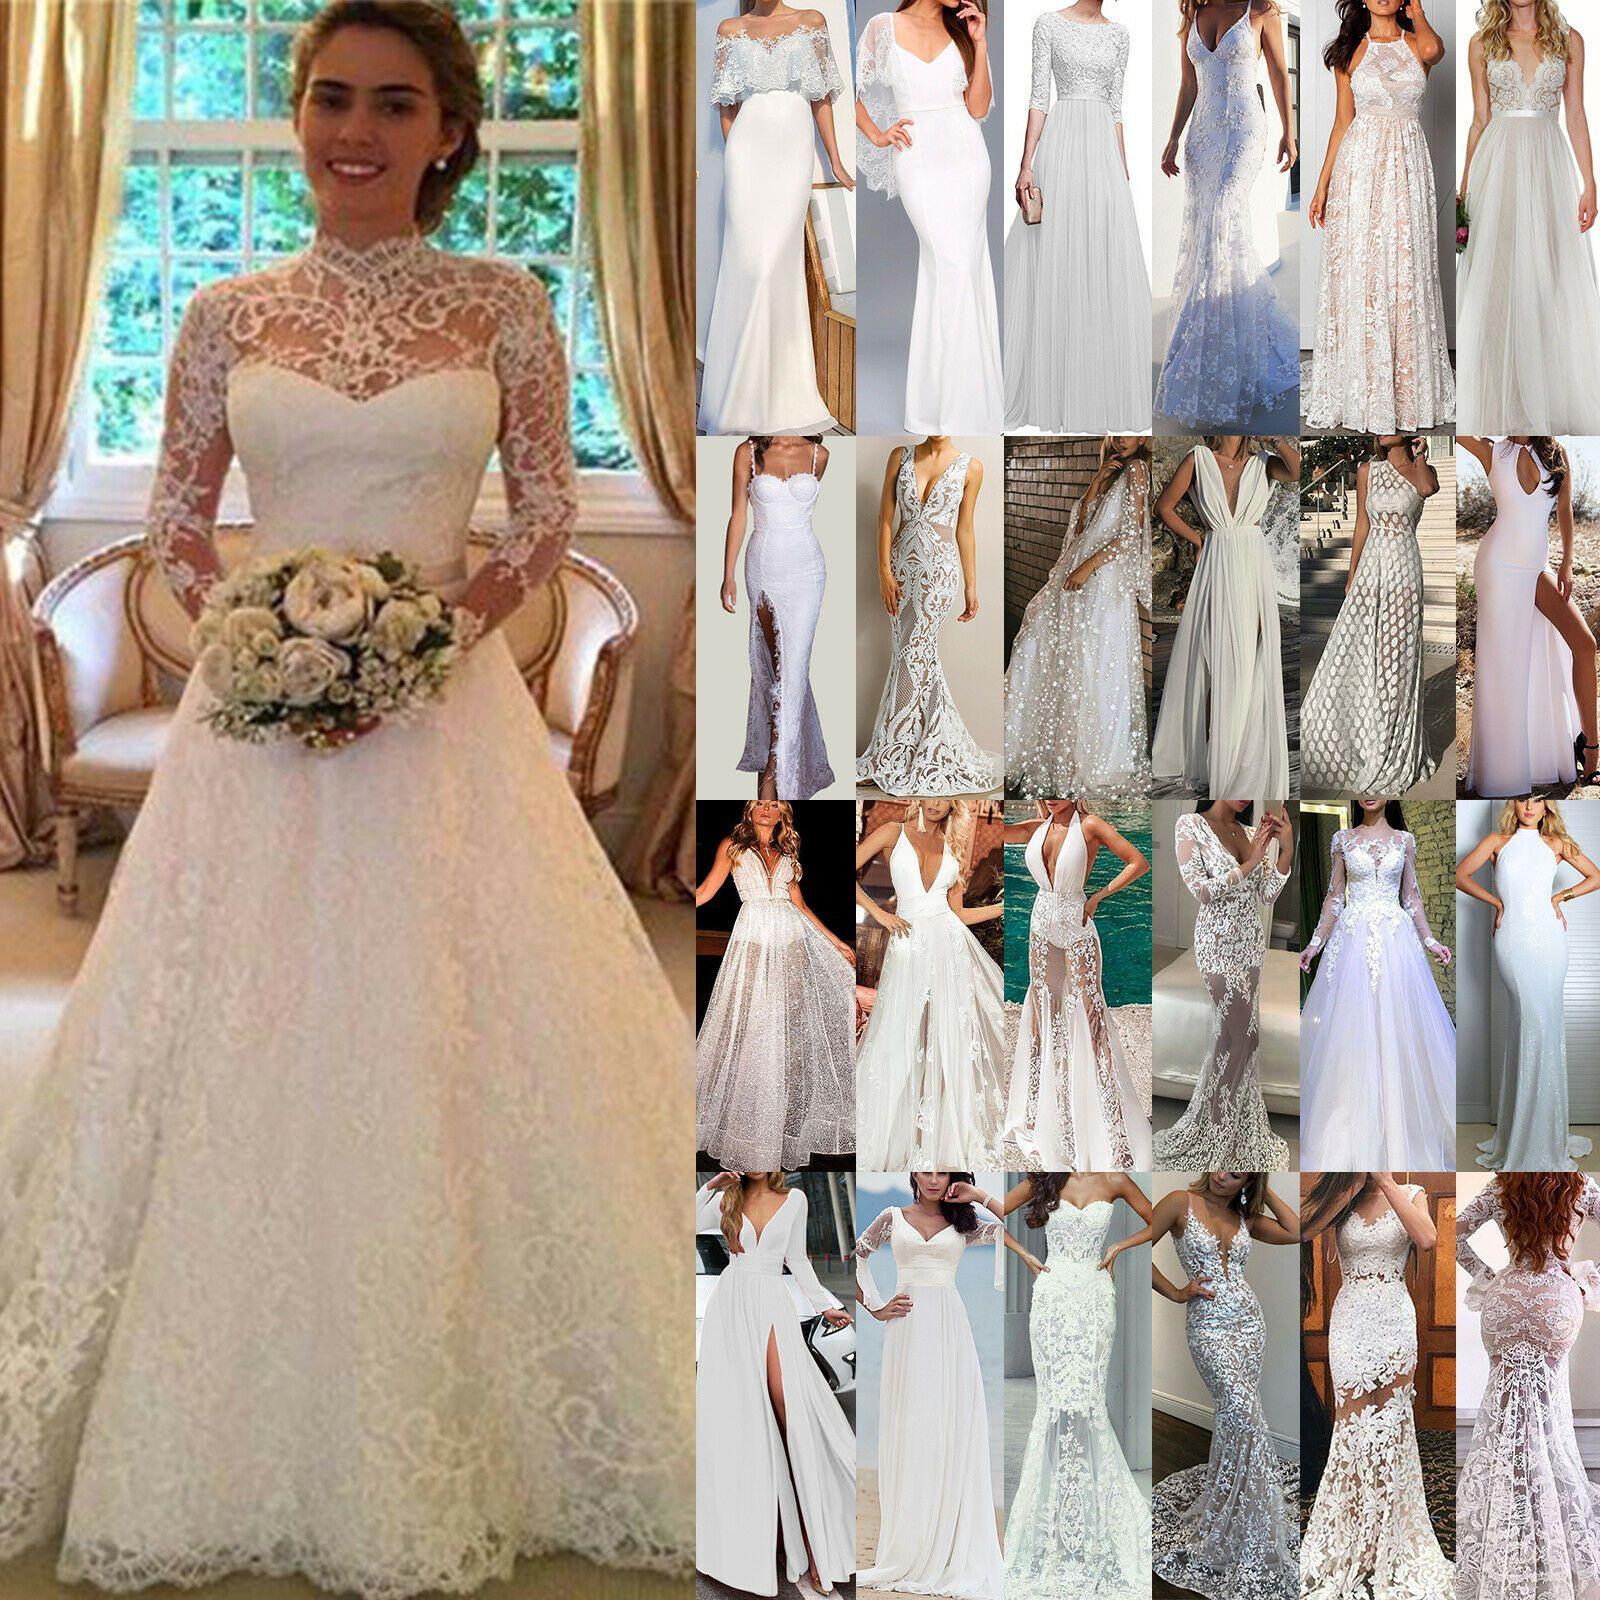 Abend Einfach Hochzeit Abend Kleid Bester Preis17 Top Hochzeit Abend Kleid Boutique